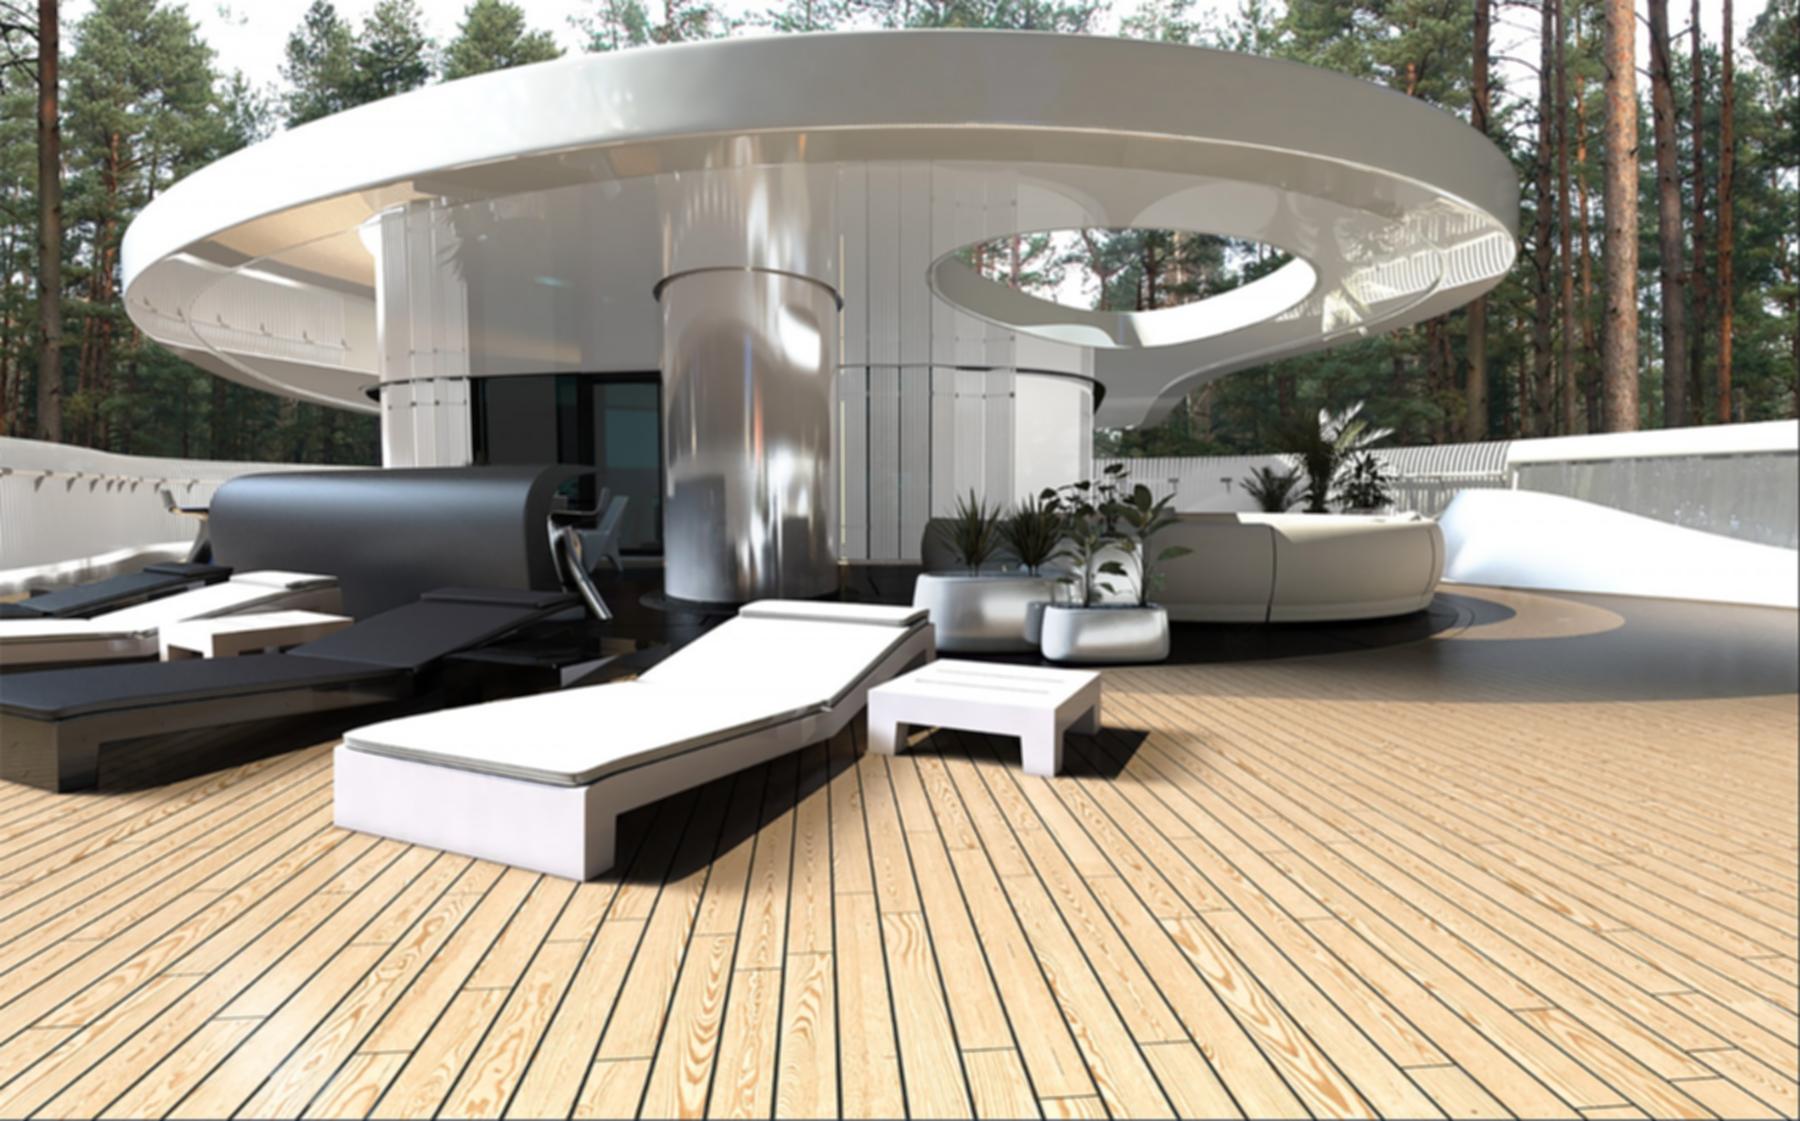 Kado - Roof Deck Concept